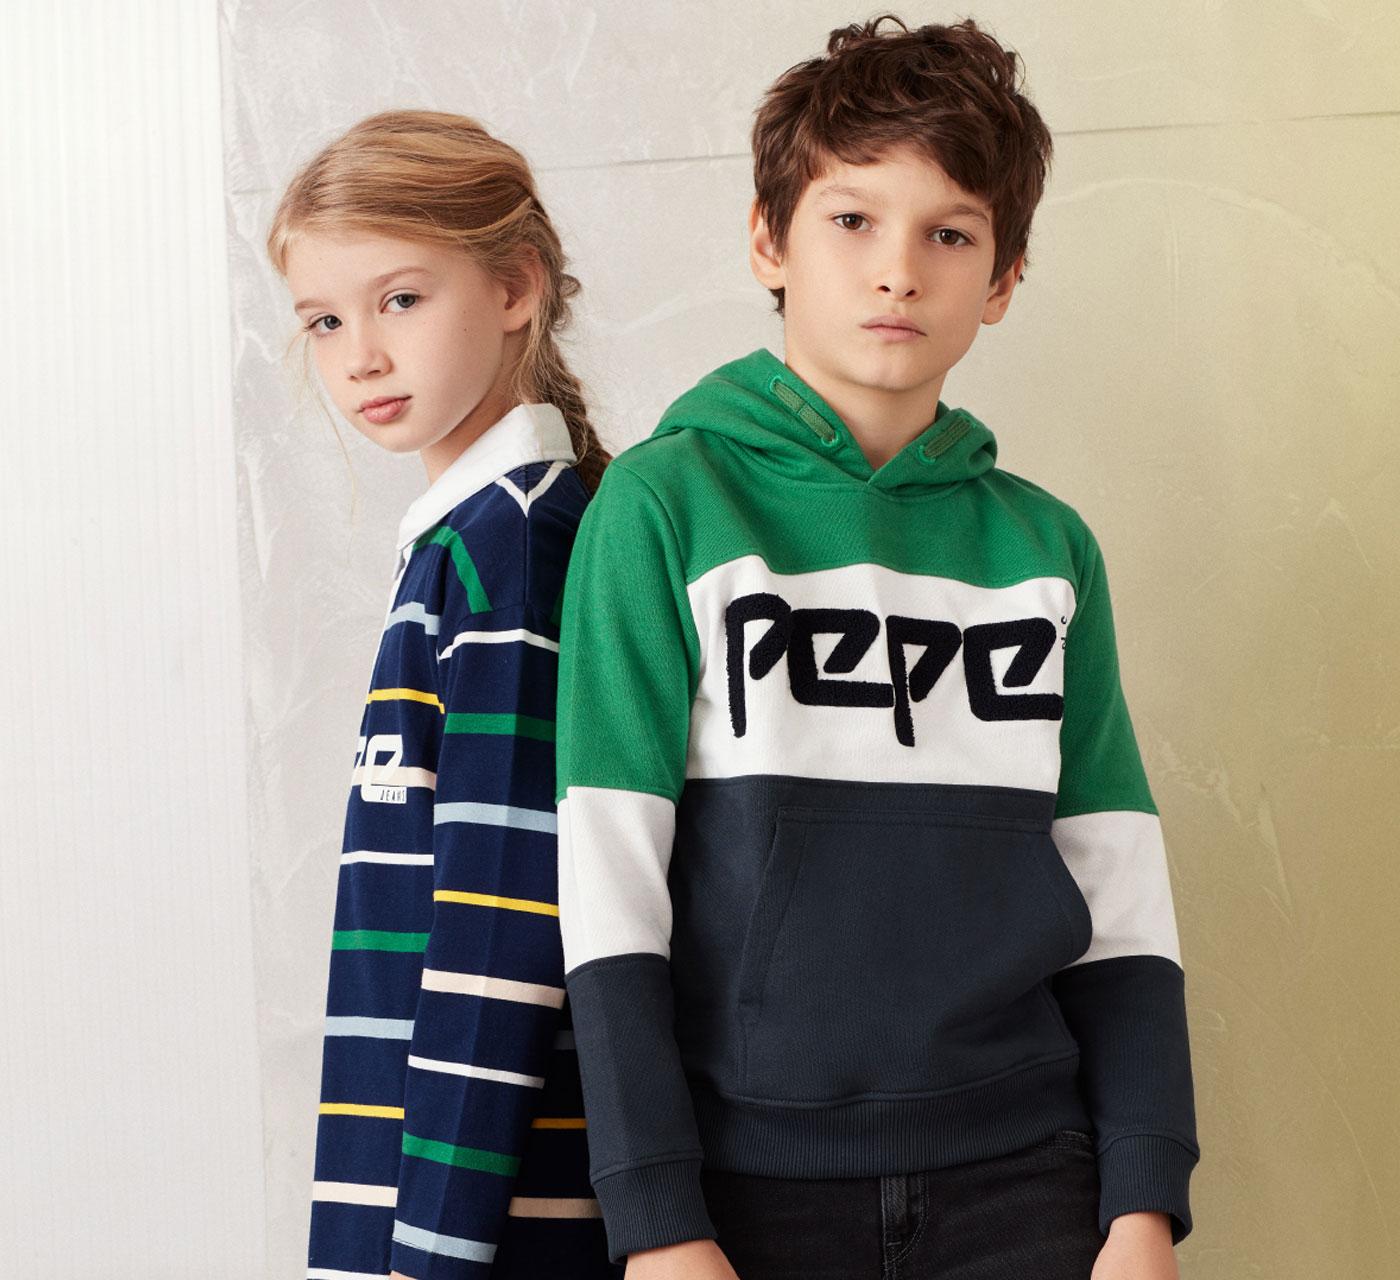 f193de8e05 Pepe Jeans London - Official Website